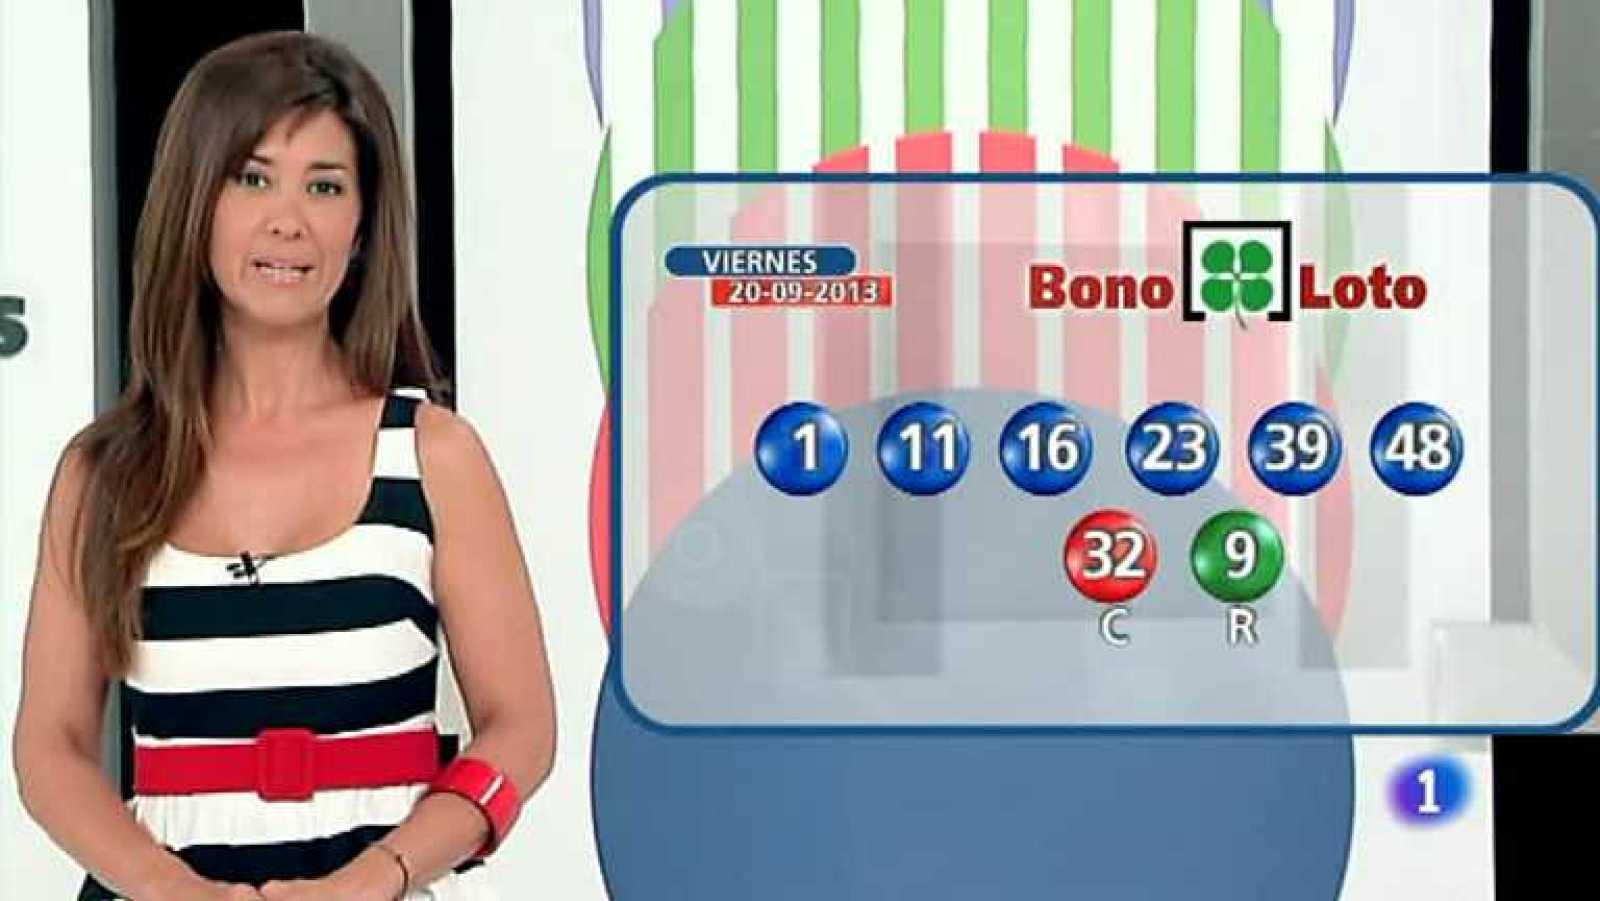 Bonoloto + Euromillones - 20/09/13 - Ver ahora